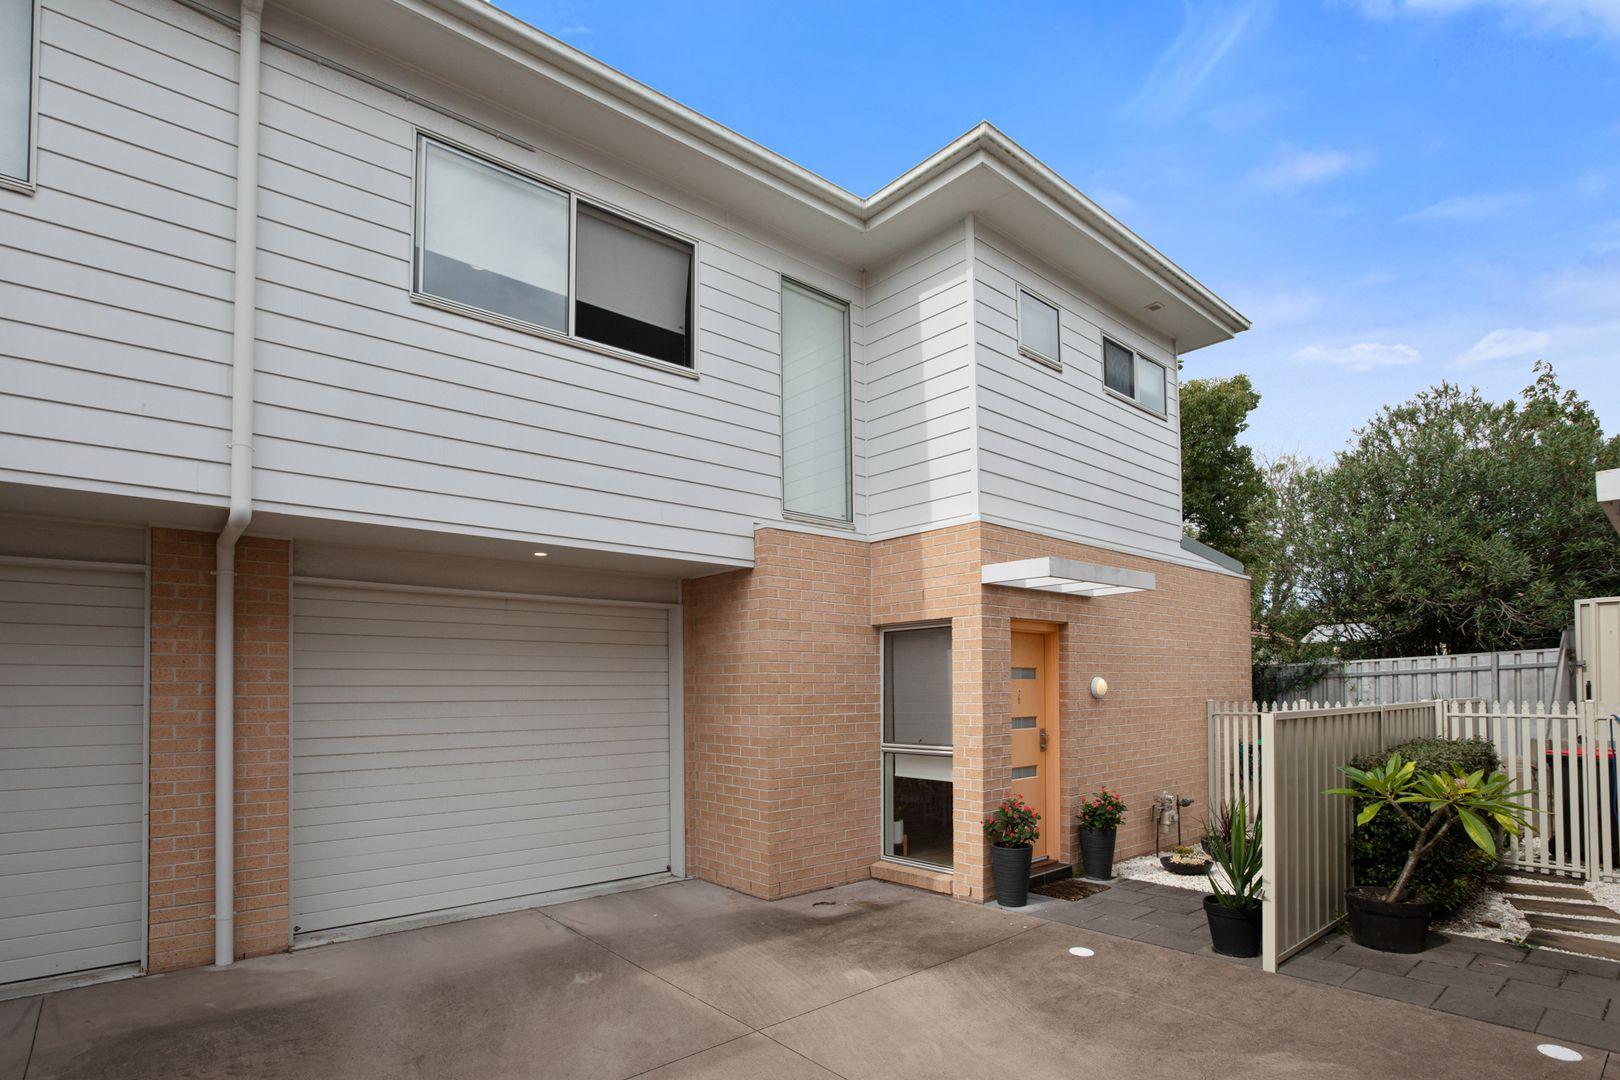 6/150 George Street, East Maitland NSW 2323, Image 0